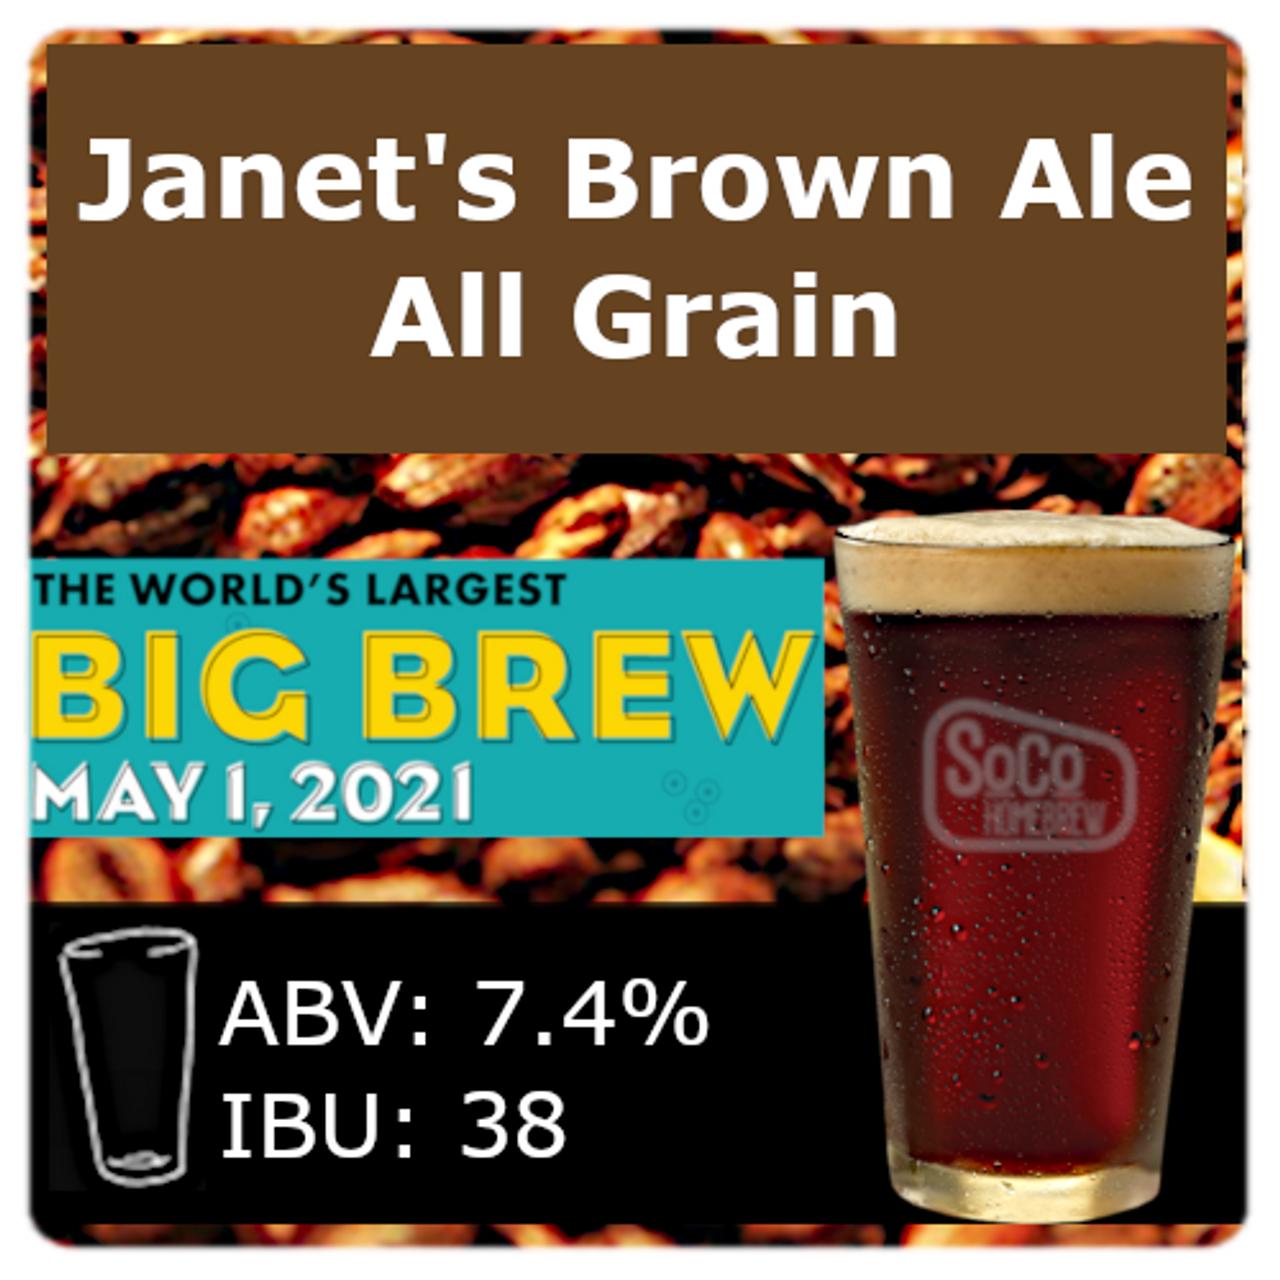 Big Brew 2021 All Grain